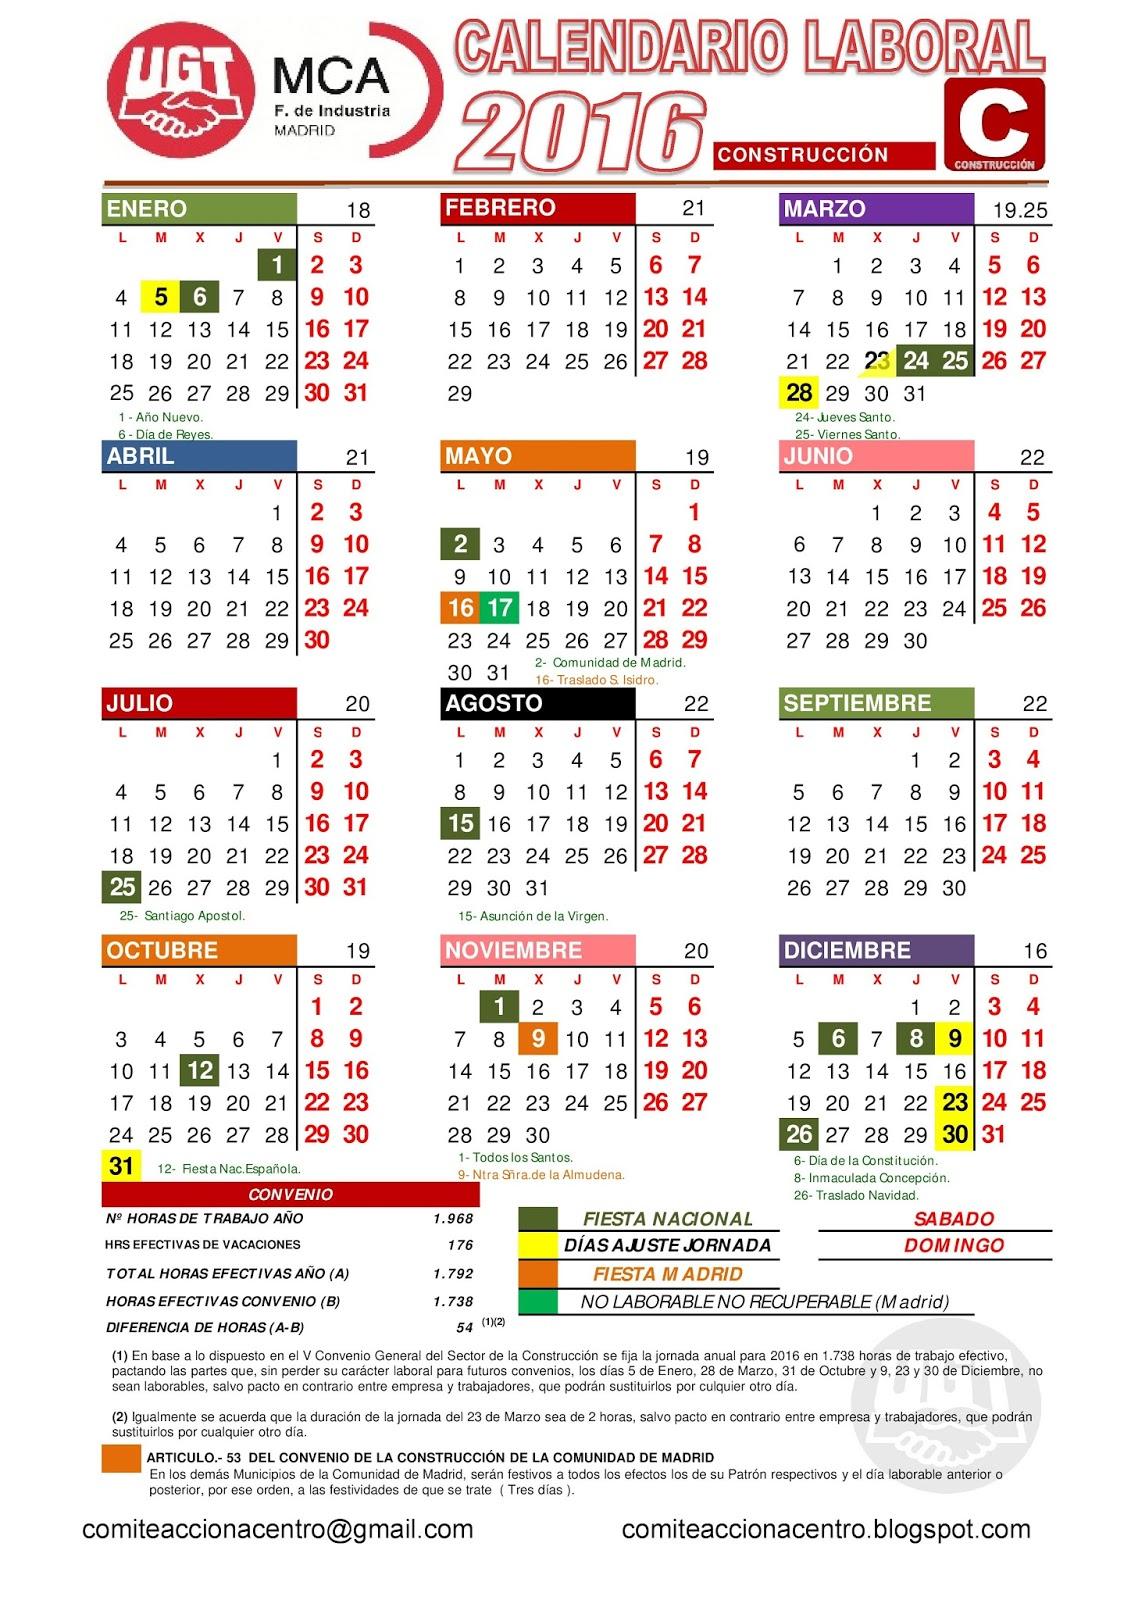 Calendario Laboral De La Construccion.Comite Acciona Centro Calendario Laboral 2016 Construccion Madrid